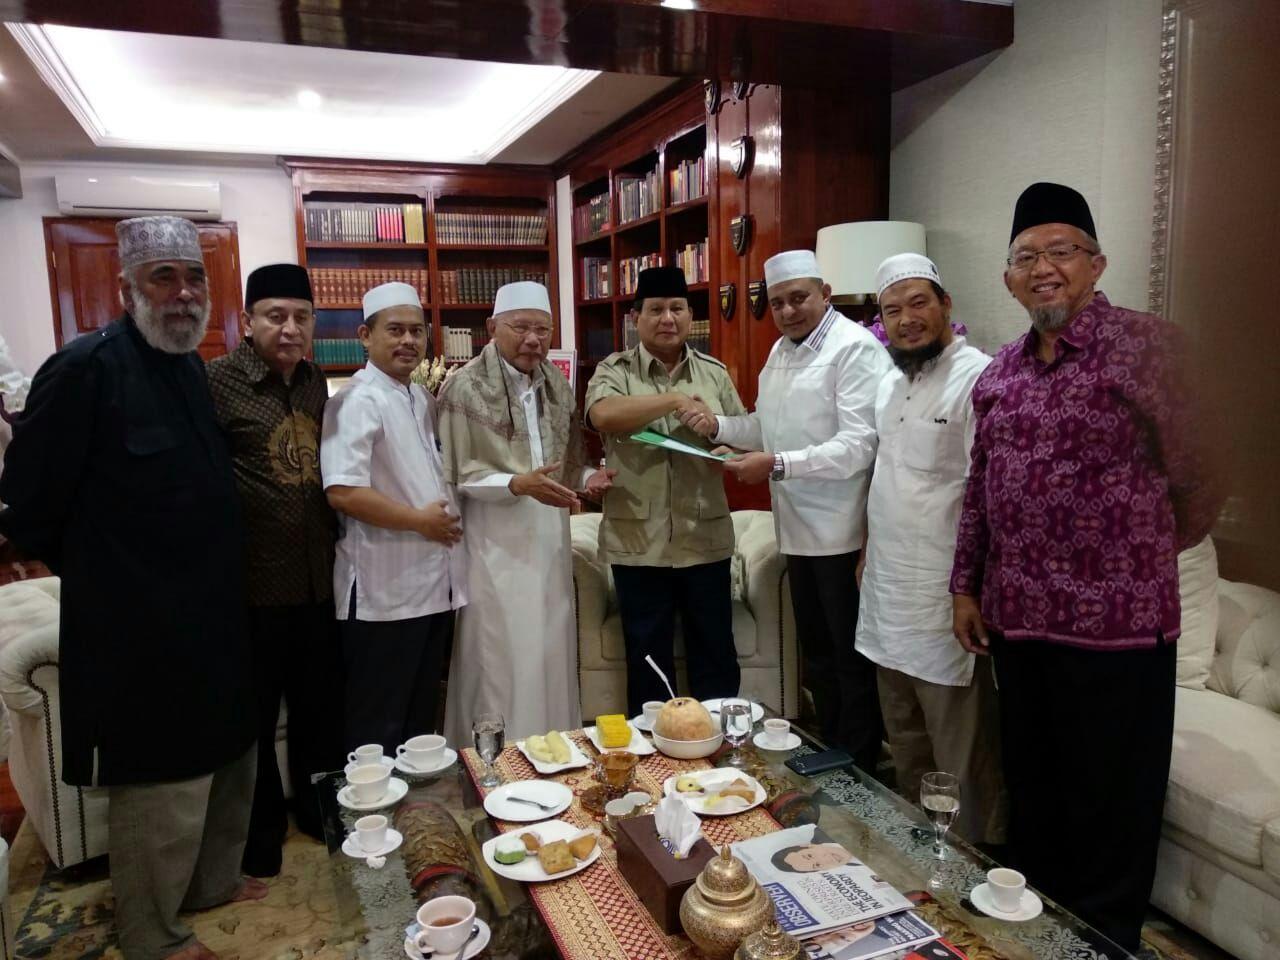 GNPF Ulama Serahkan Rekomendasi Capres-Cawapres ke Prabowo Subianto dan Habib Salim